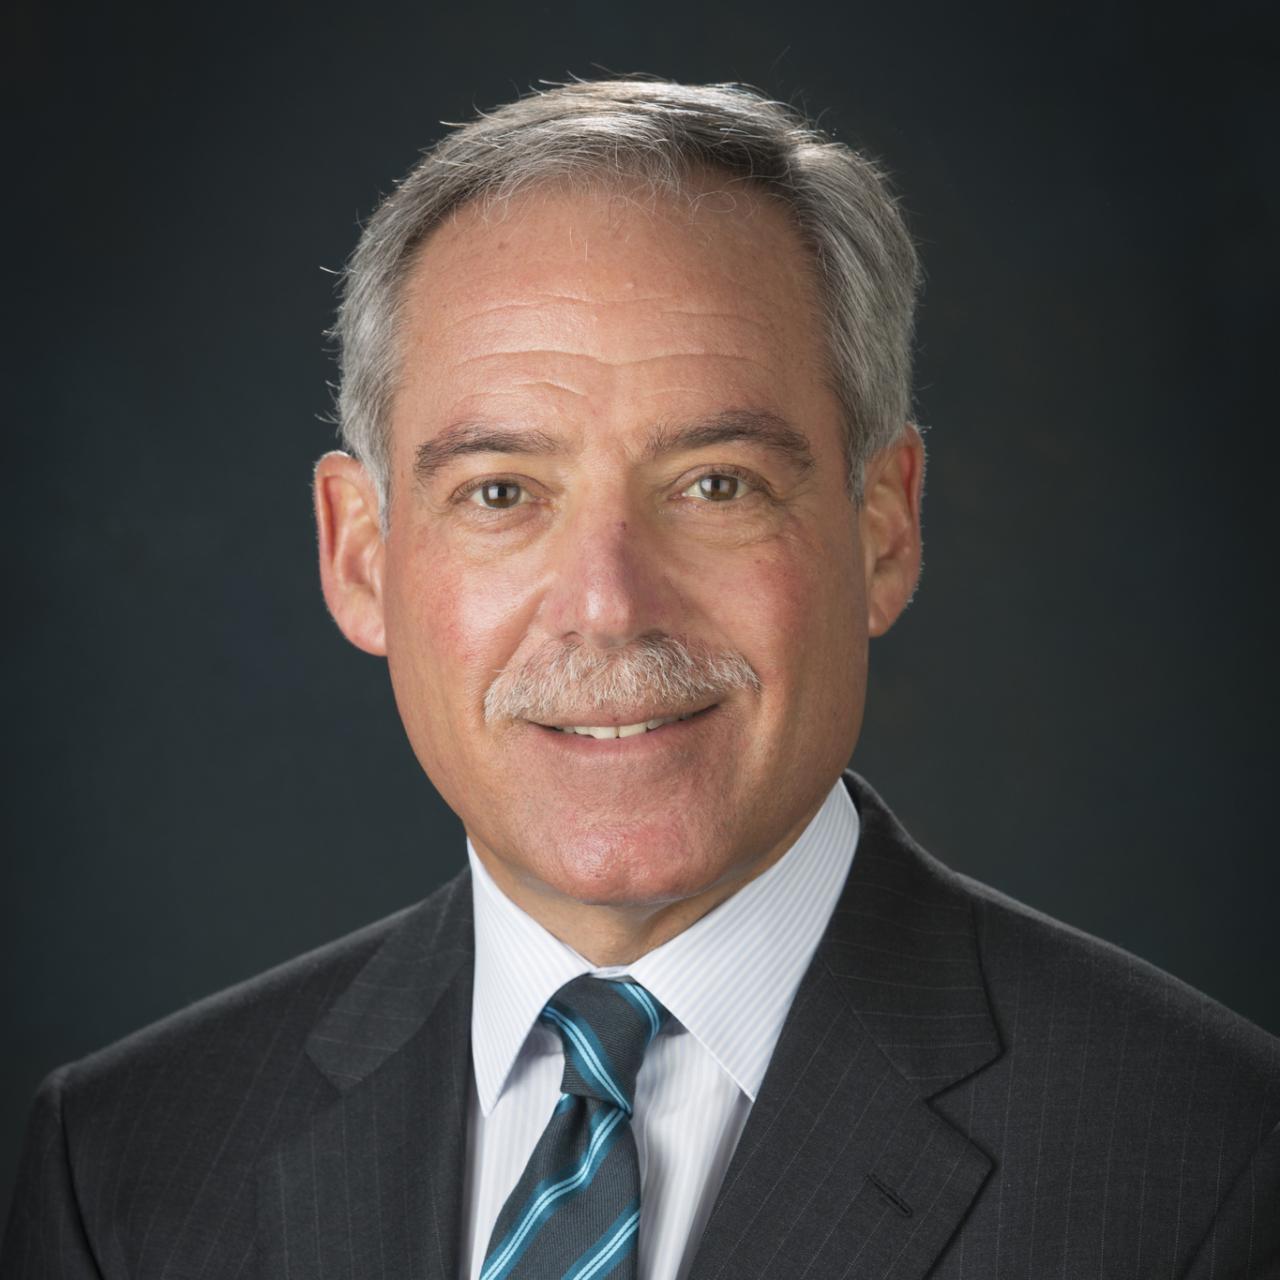 Robert Schottenstein